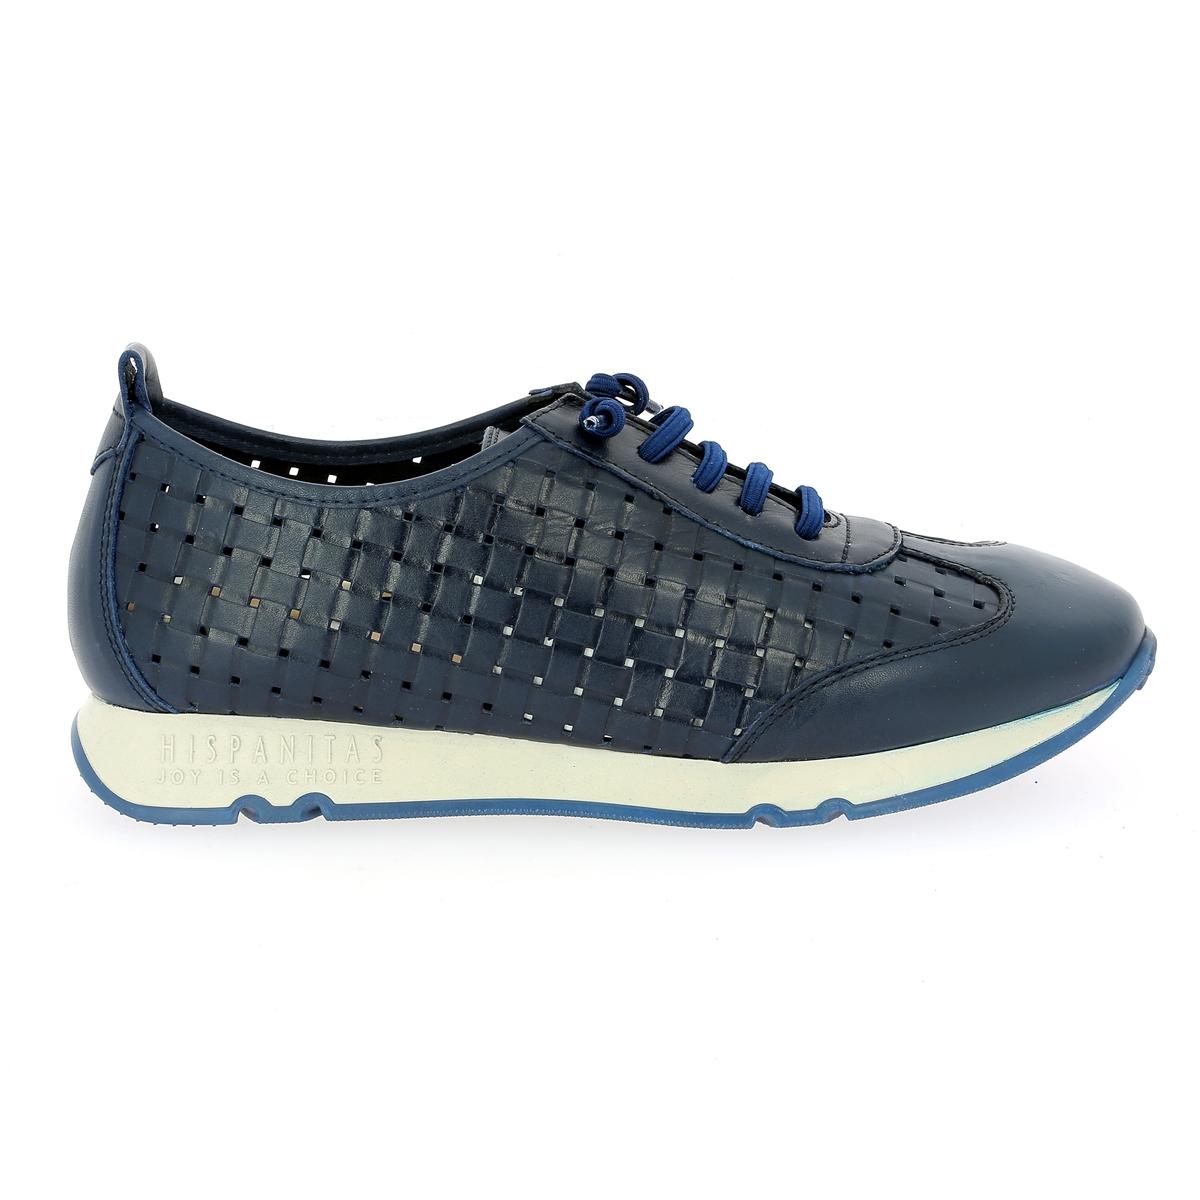 Hispanitas Sneakers blauw